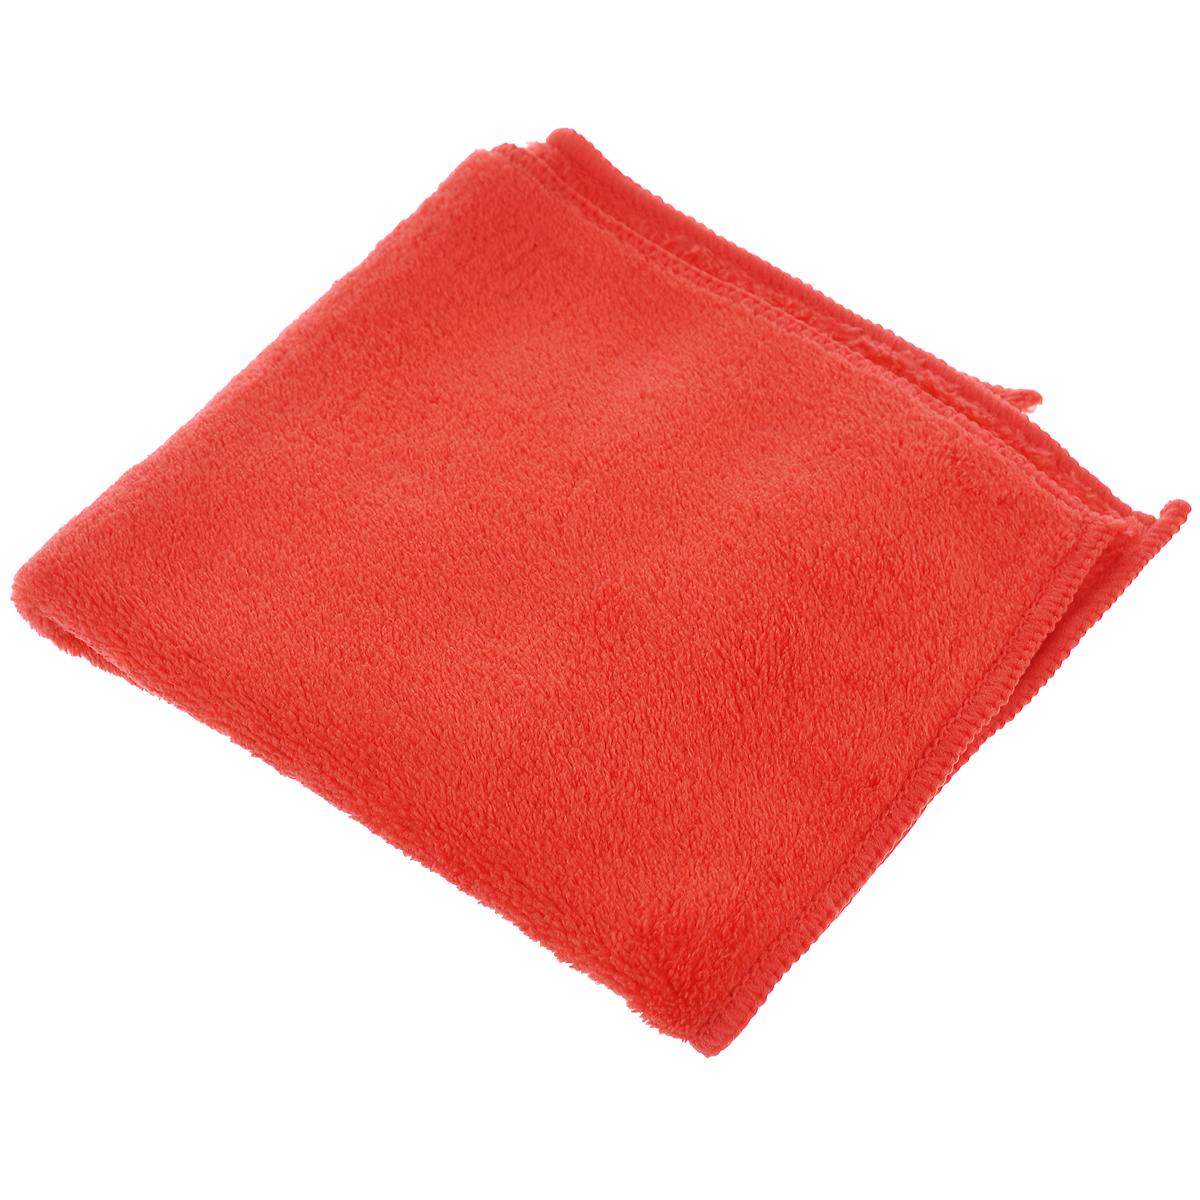 Салфетка для сухой уборки Celesta, из микрофибры, цвет: коралловый, 30 х 30 см58032 оранжевыйСалфетка из микрофибры Celesta идеально подходит для сухой уборки, отлично очищает пыль на полированных поверхностях. После обработки салфеткой поверхность становится антистатической и пыль в дальнейшем на нее осаждается меньше. Состав: полиэстер 100%.Размер салфетки: 30 см х 30 см.